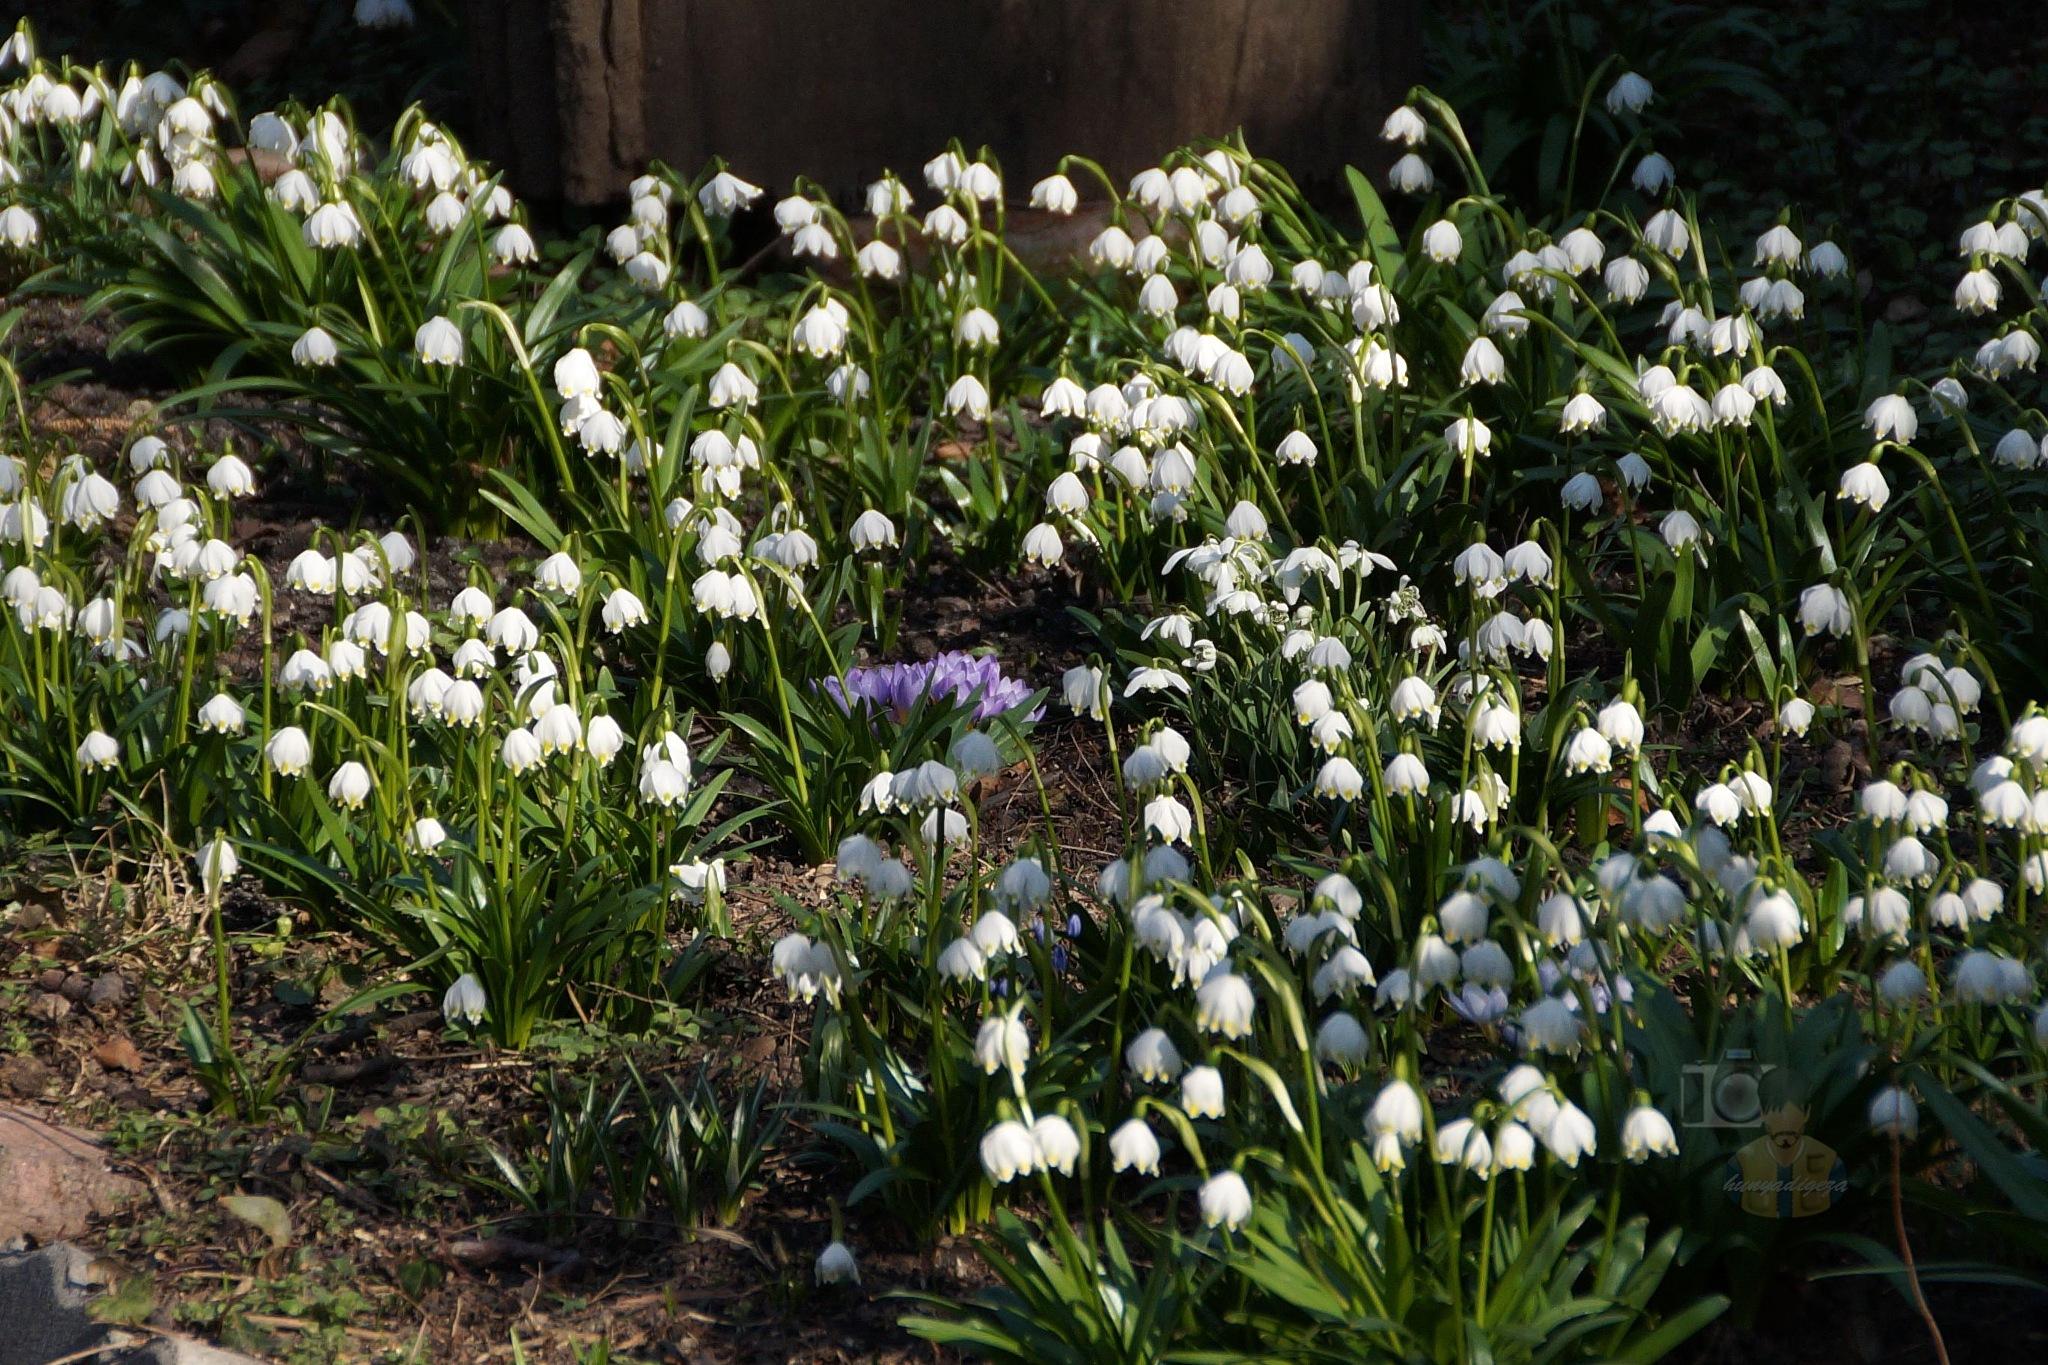 Mar.17, flowers in my garden by hunyadigeza